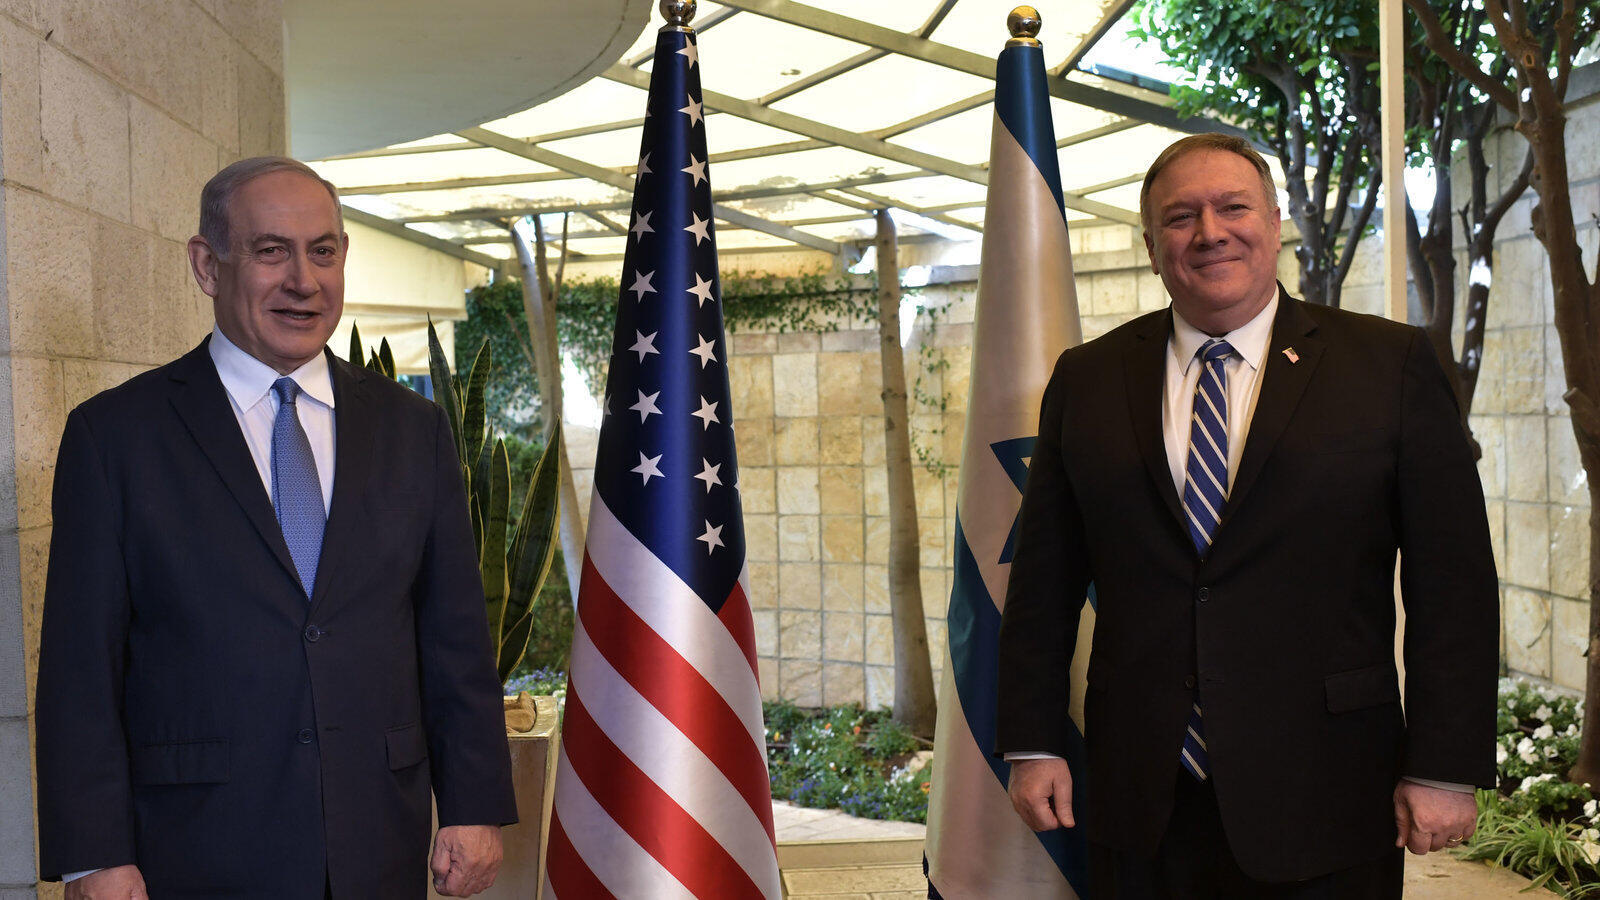 مایک پمپئو وزیر امور خارجۀ آمریکا و بنیامین نتانیاهو نخست وزیر اسرائیل در بیت المقدس.